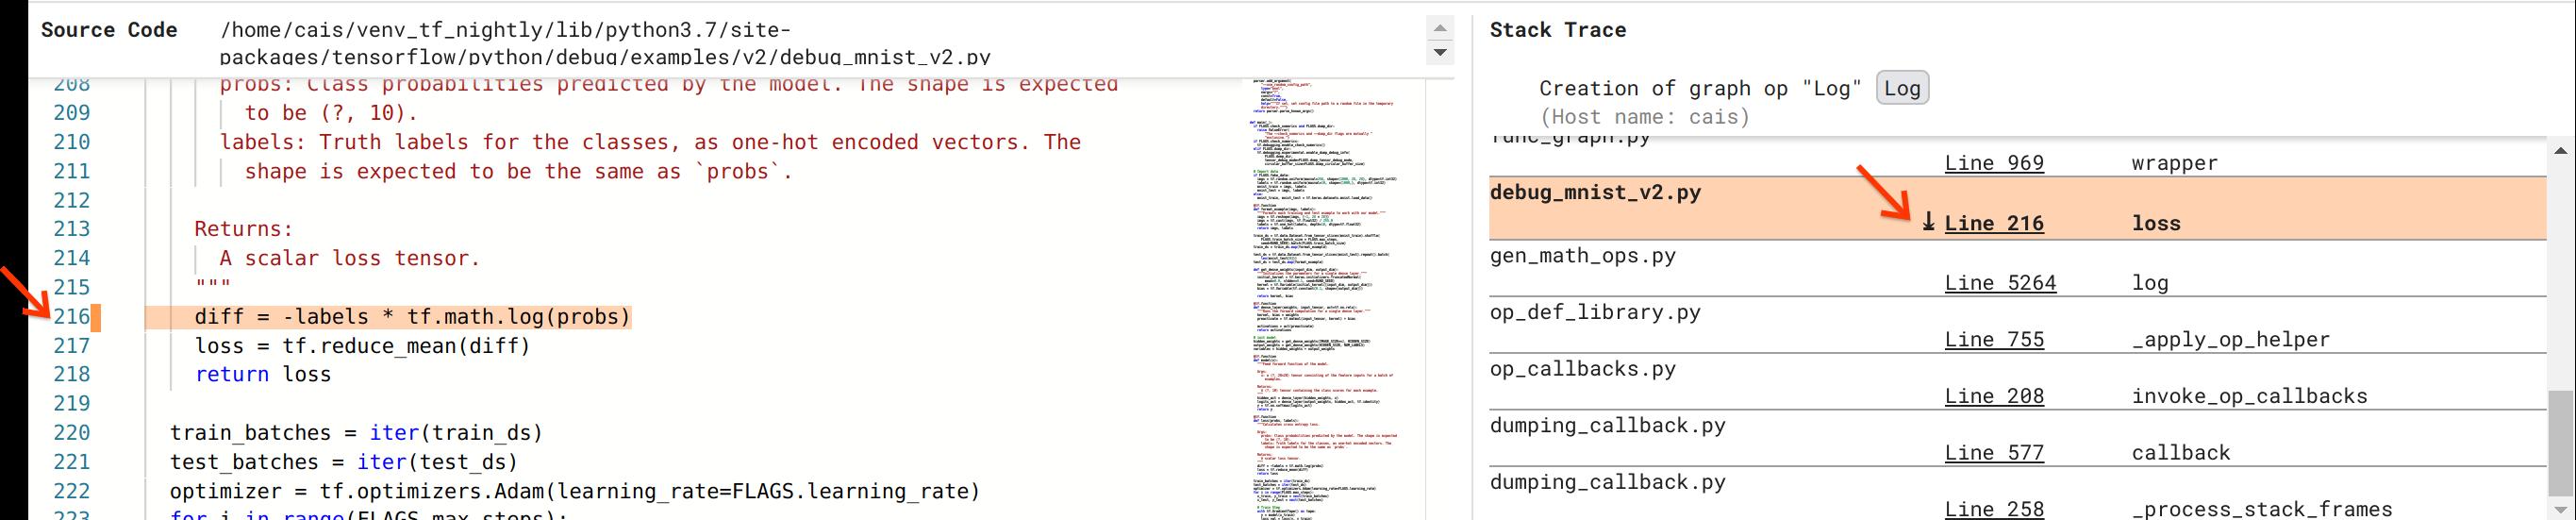 Debugger V2: kod źródłowy i ślad stosu